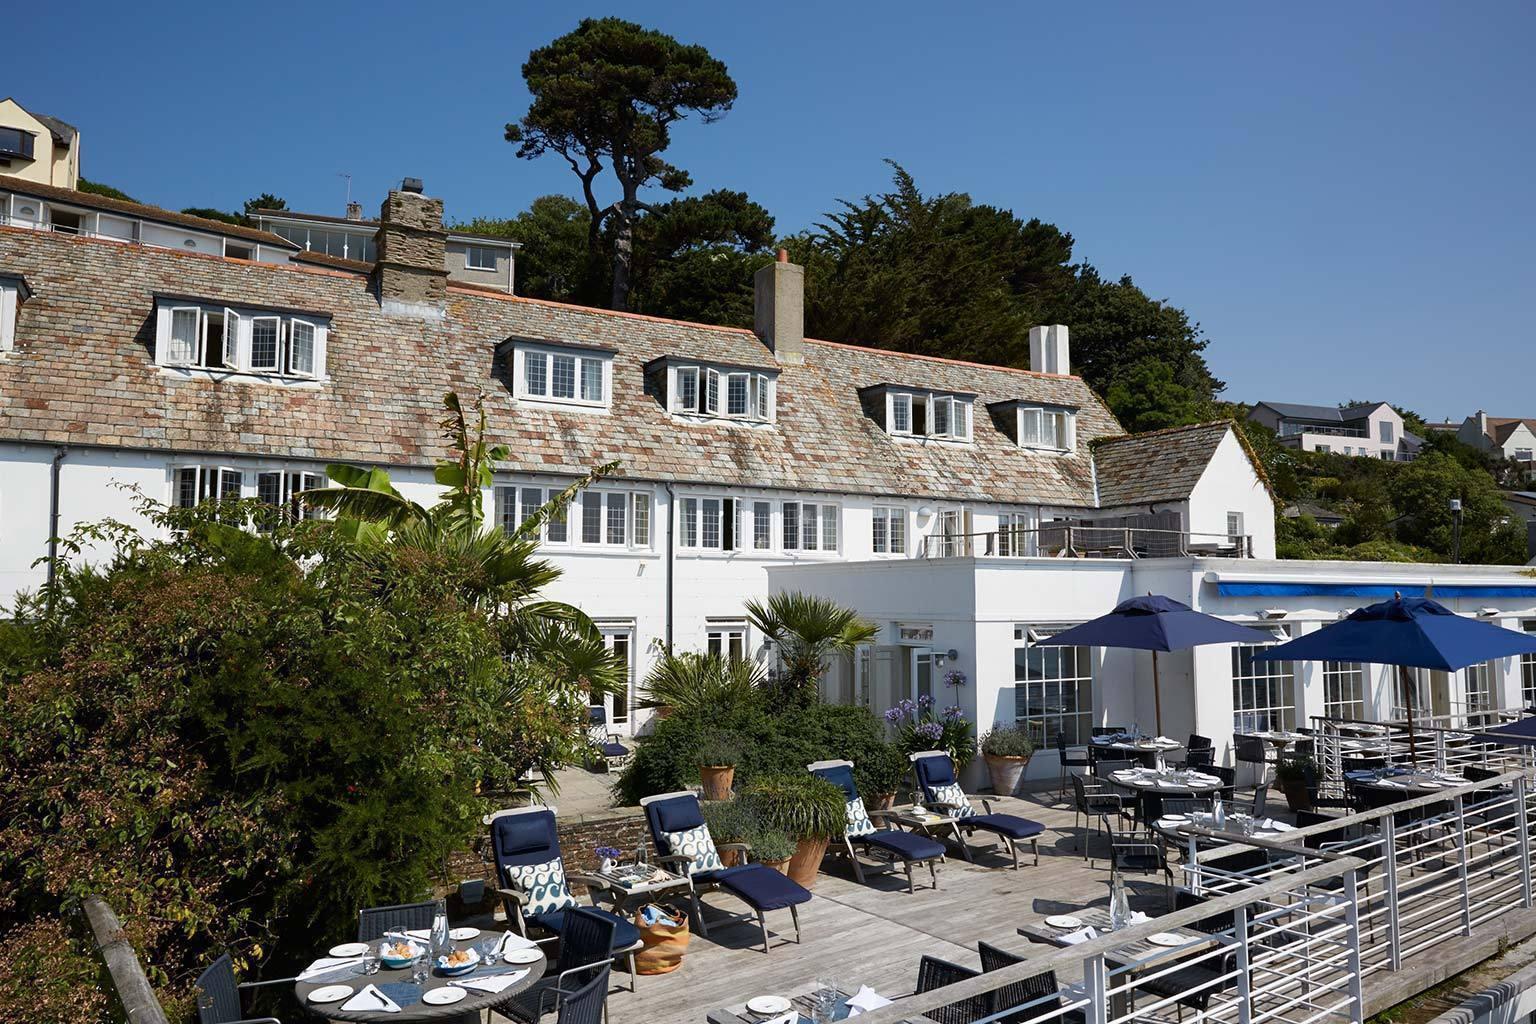 Hotel Tresanton In Cornwall Luxushotels Bei Designreisen